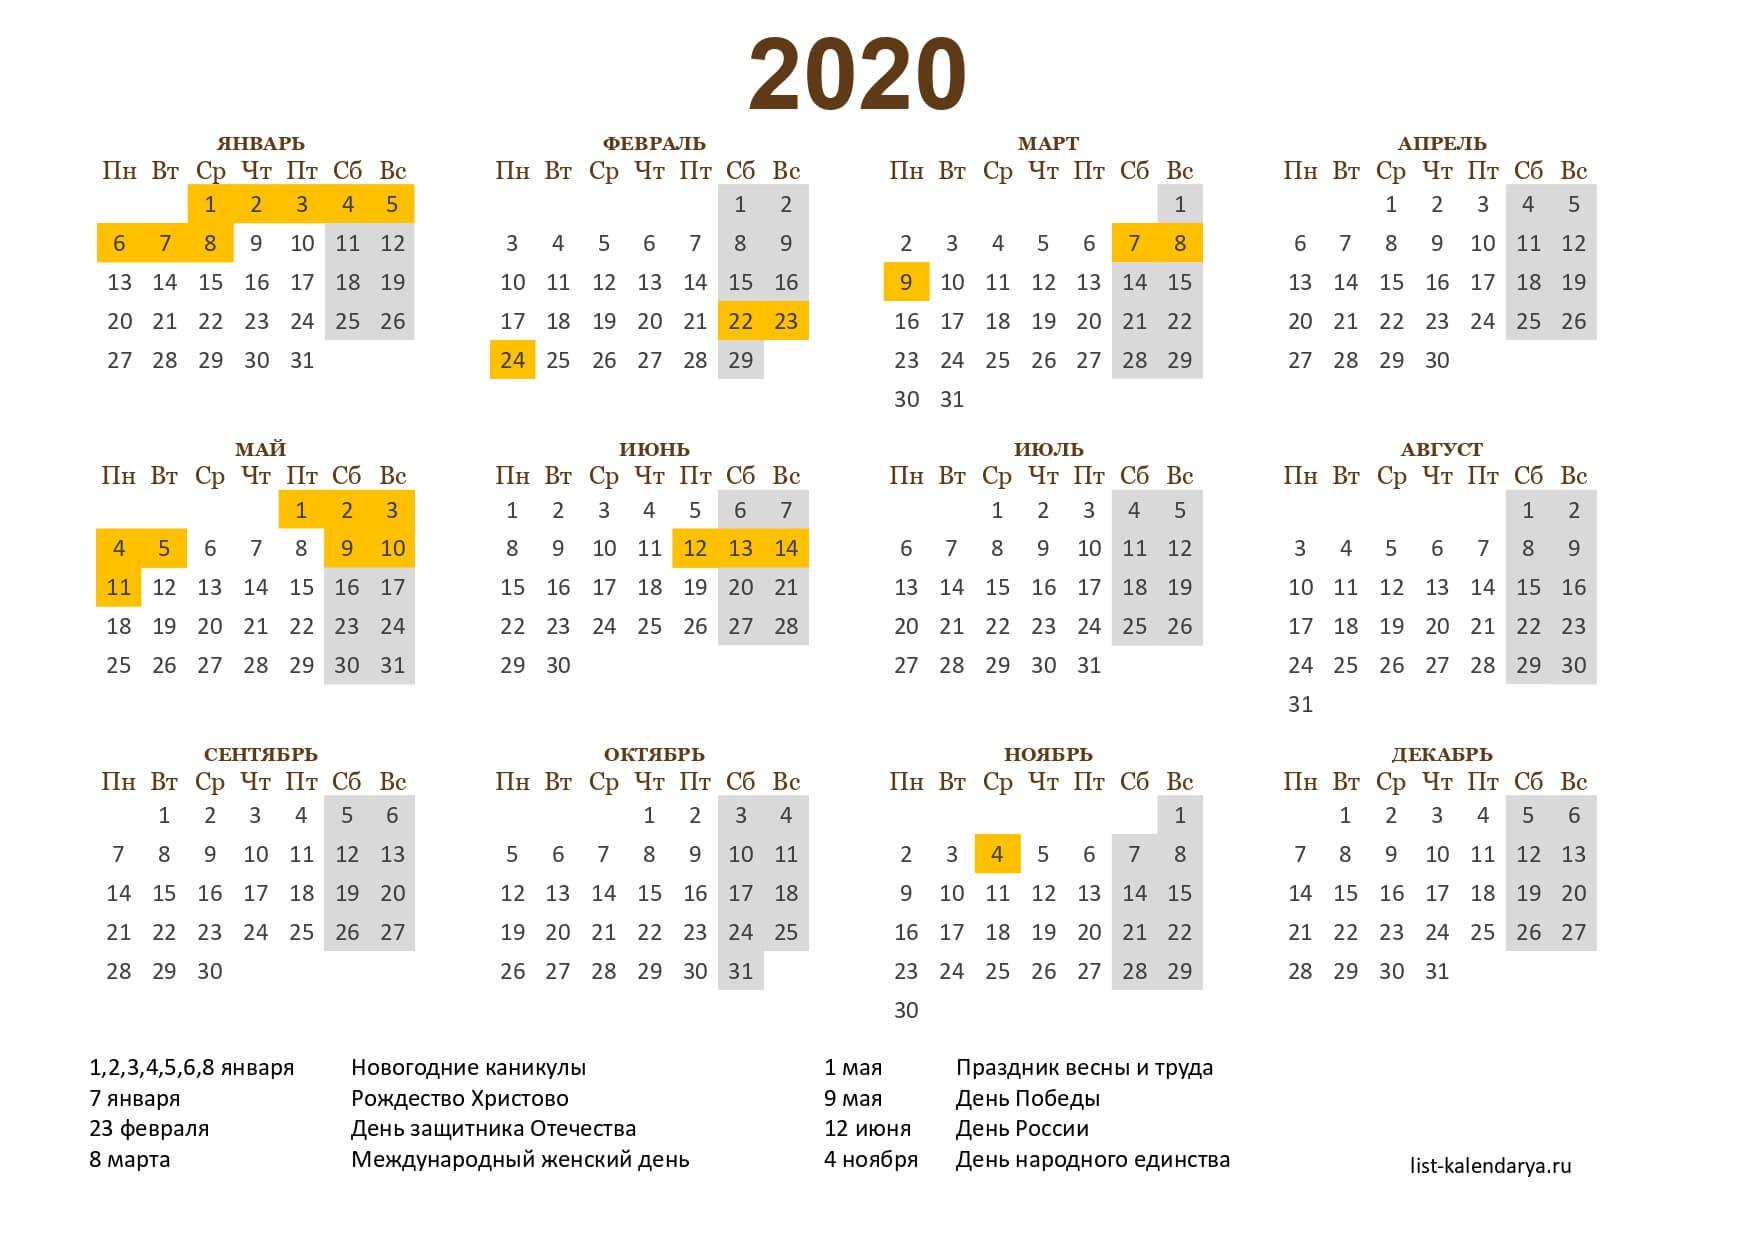 Скачать Календарь На 2020 Год В Форматах: Word, Pdf, Jpg regarding Kalendar Kuda 2020 Pdf